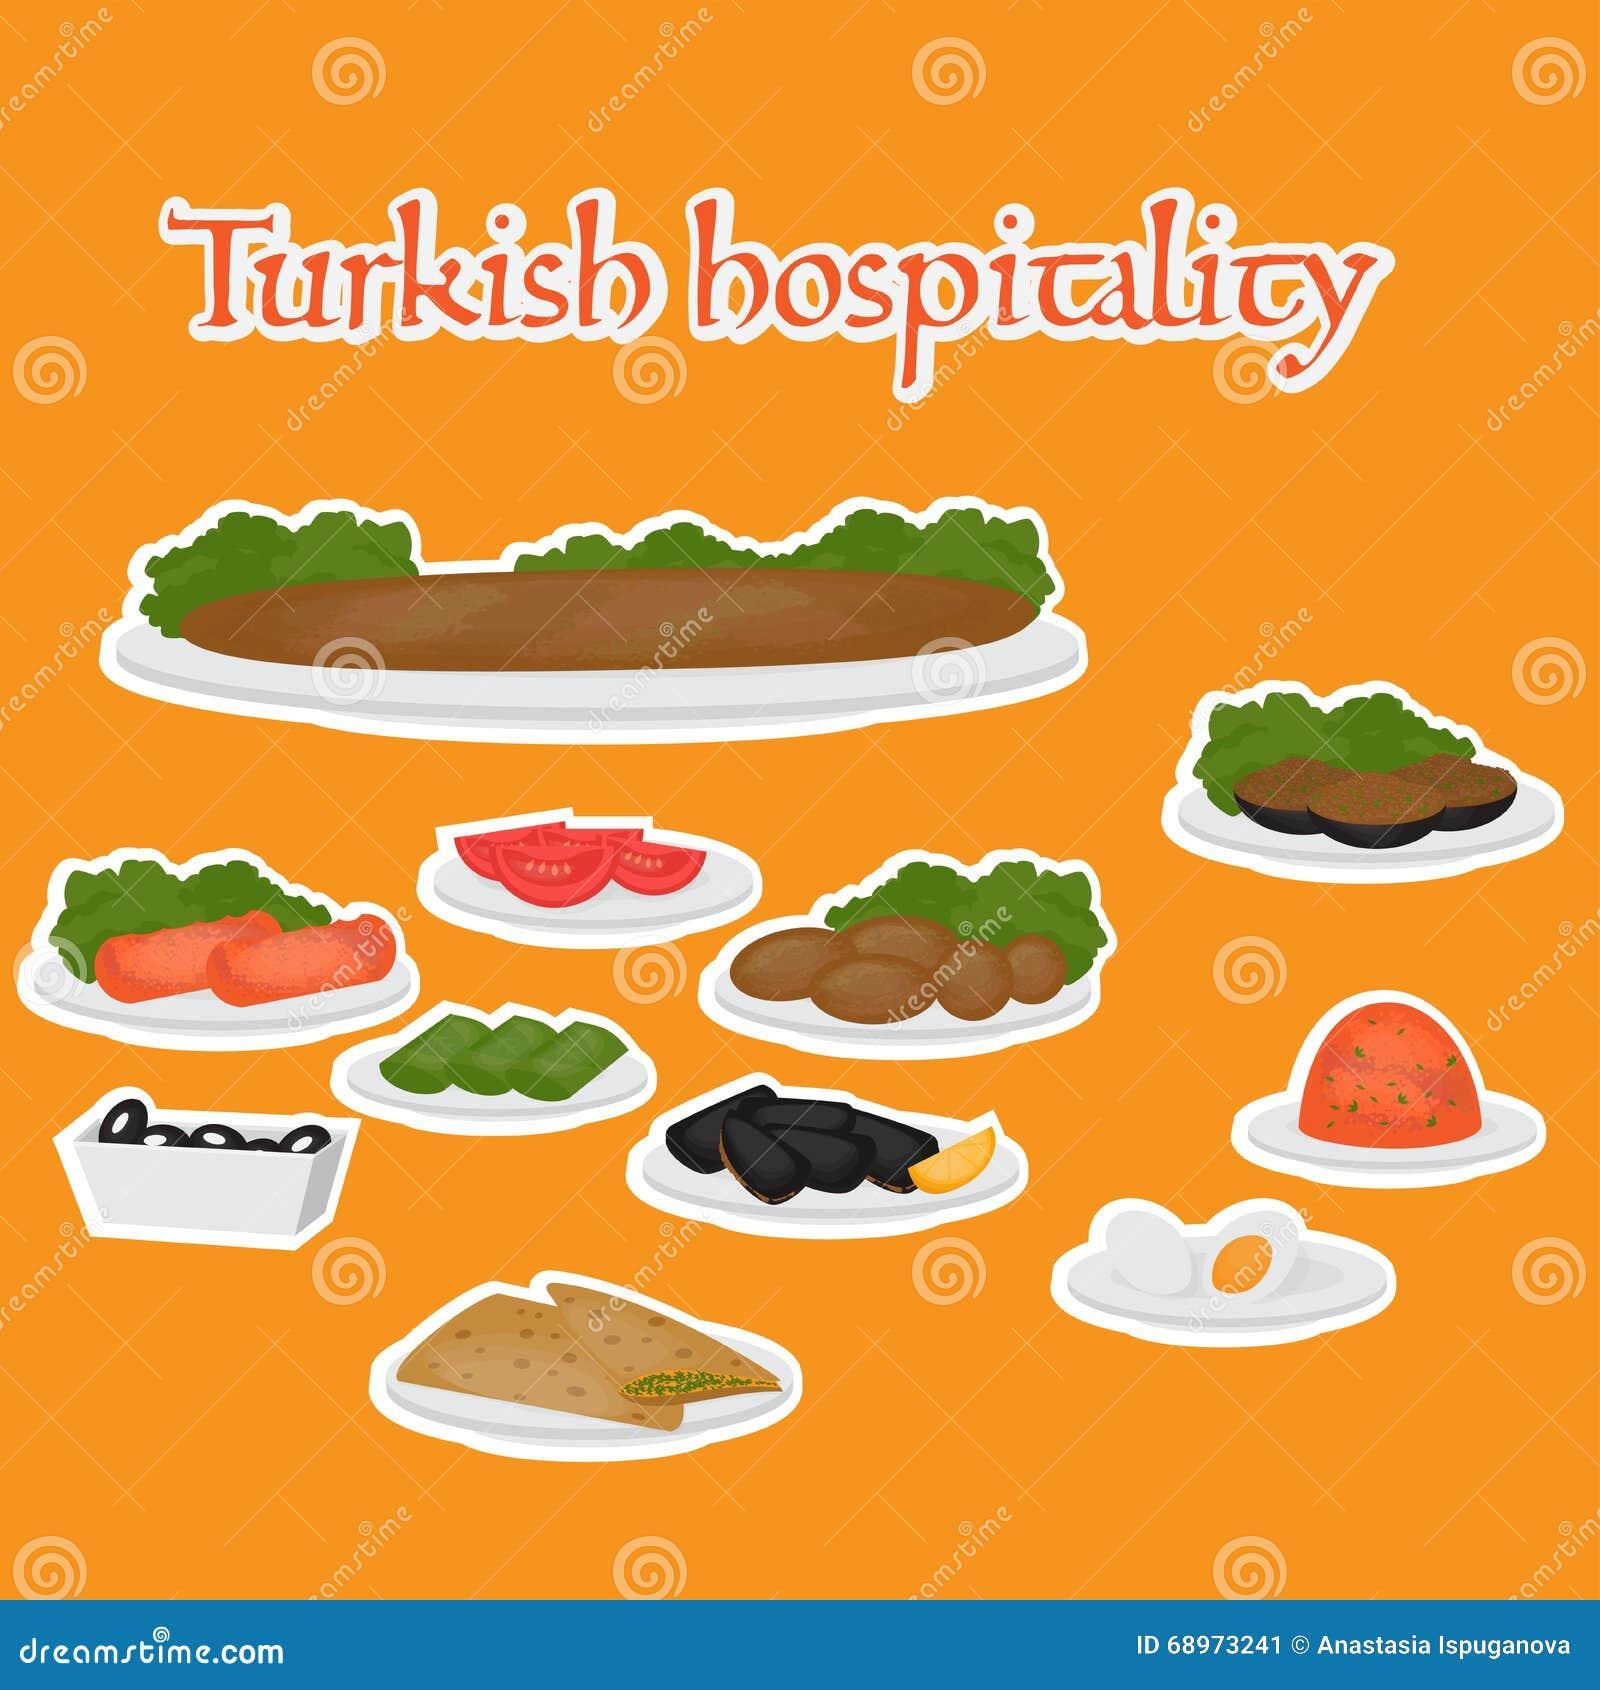 Tubería y acompañamientos comunes, postres de la hospitalidad turca Comida tradicional de la cocina turca